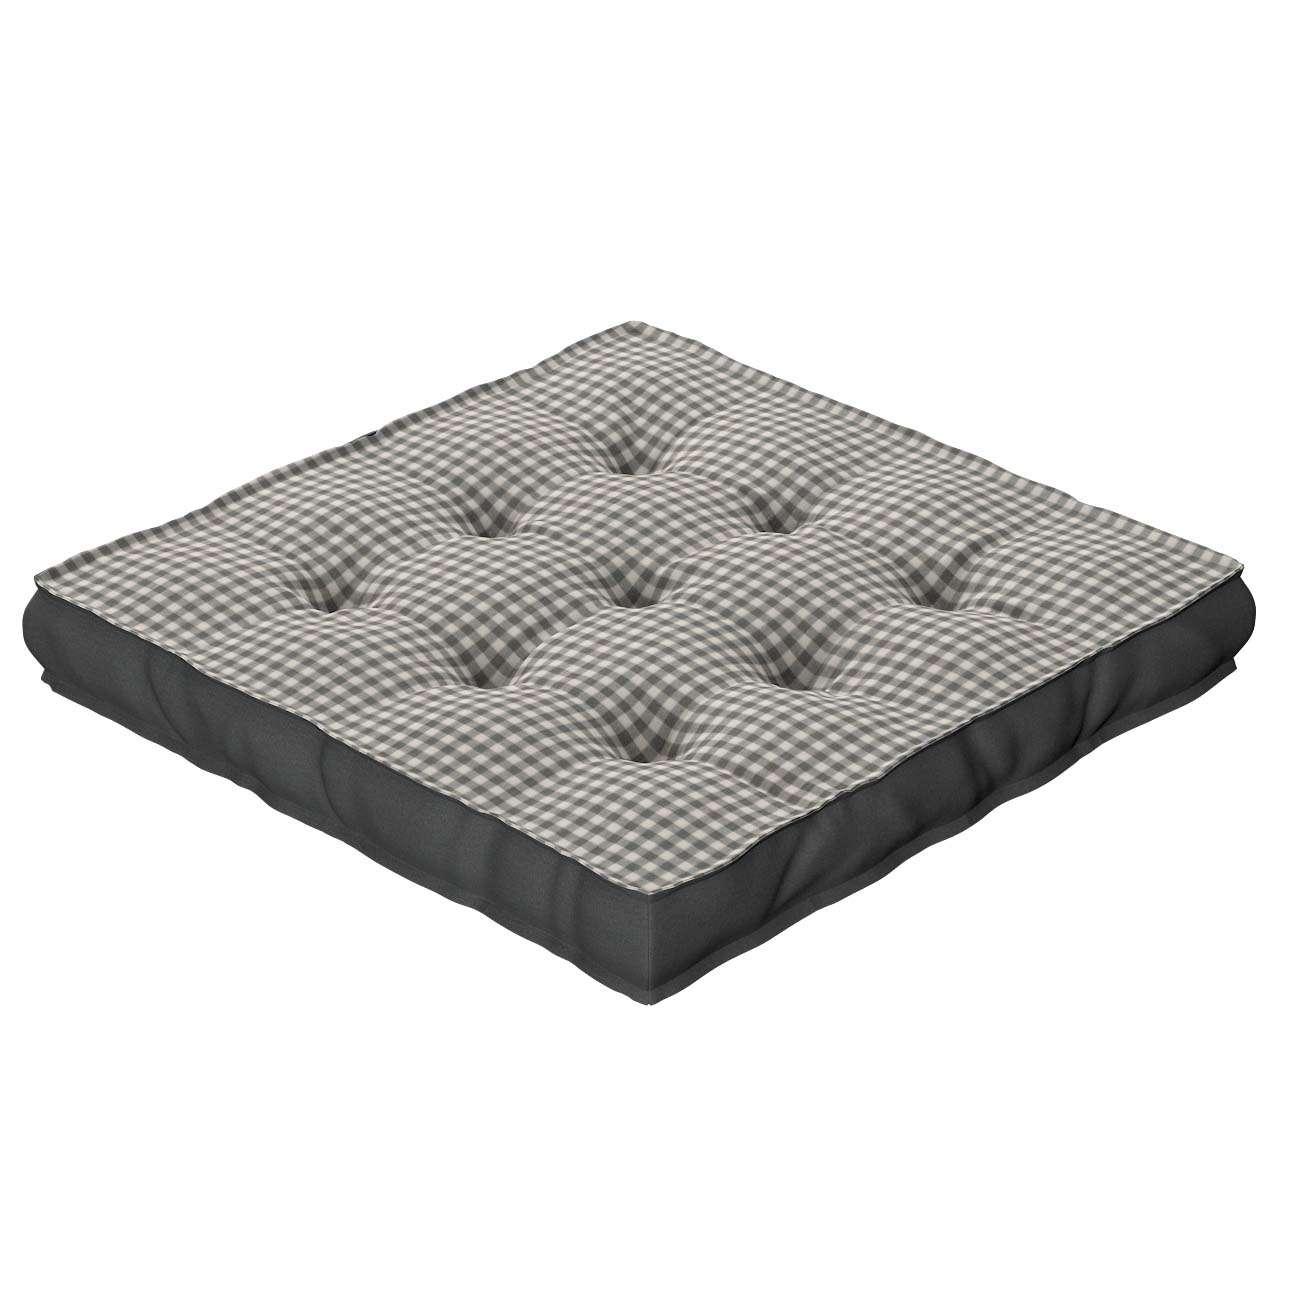 Sitzkissen Jacob mit Handgriff 40 x 40 x 6 cm von der Kollektion Quadro, Stoff: 136-10